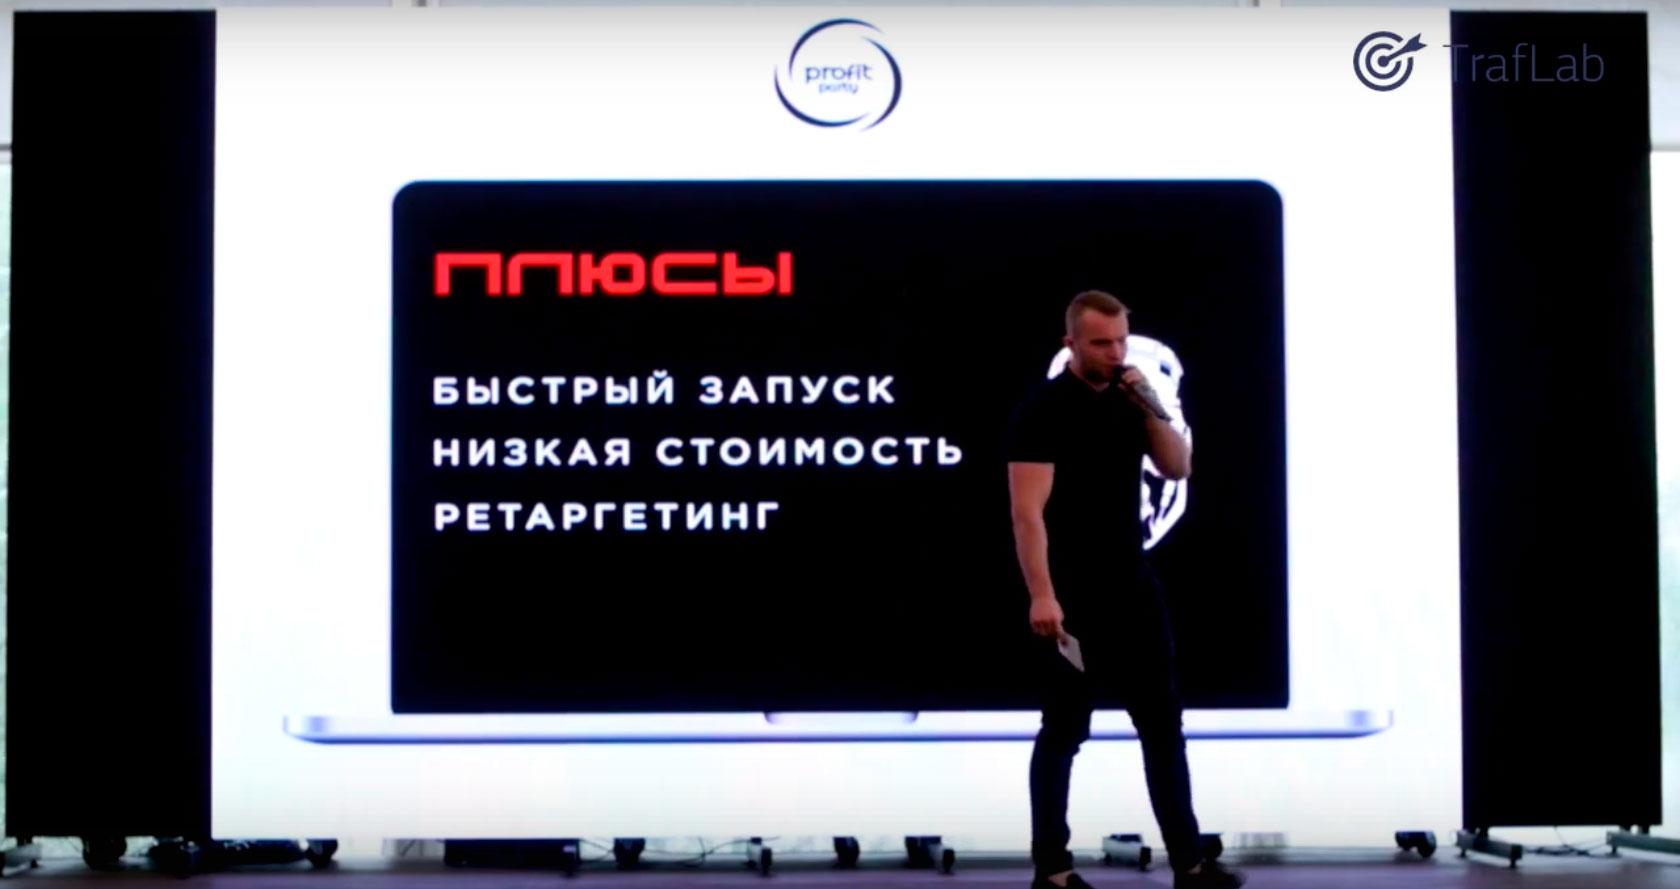 Краткое содержание докладов с конференции Profit Party 2017 (Казань)